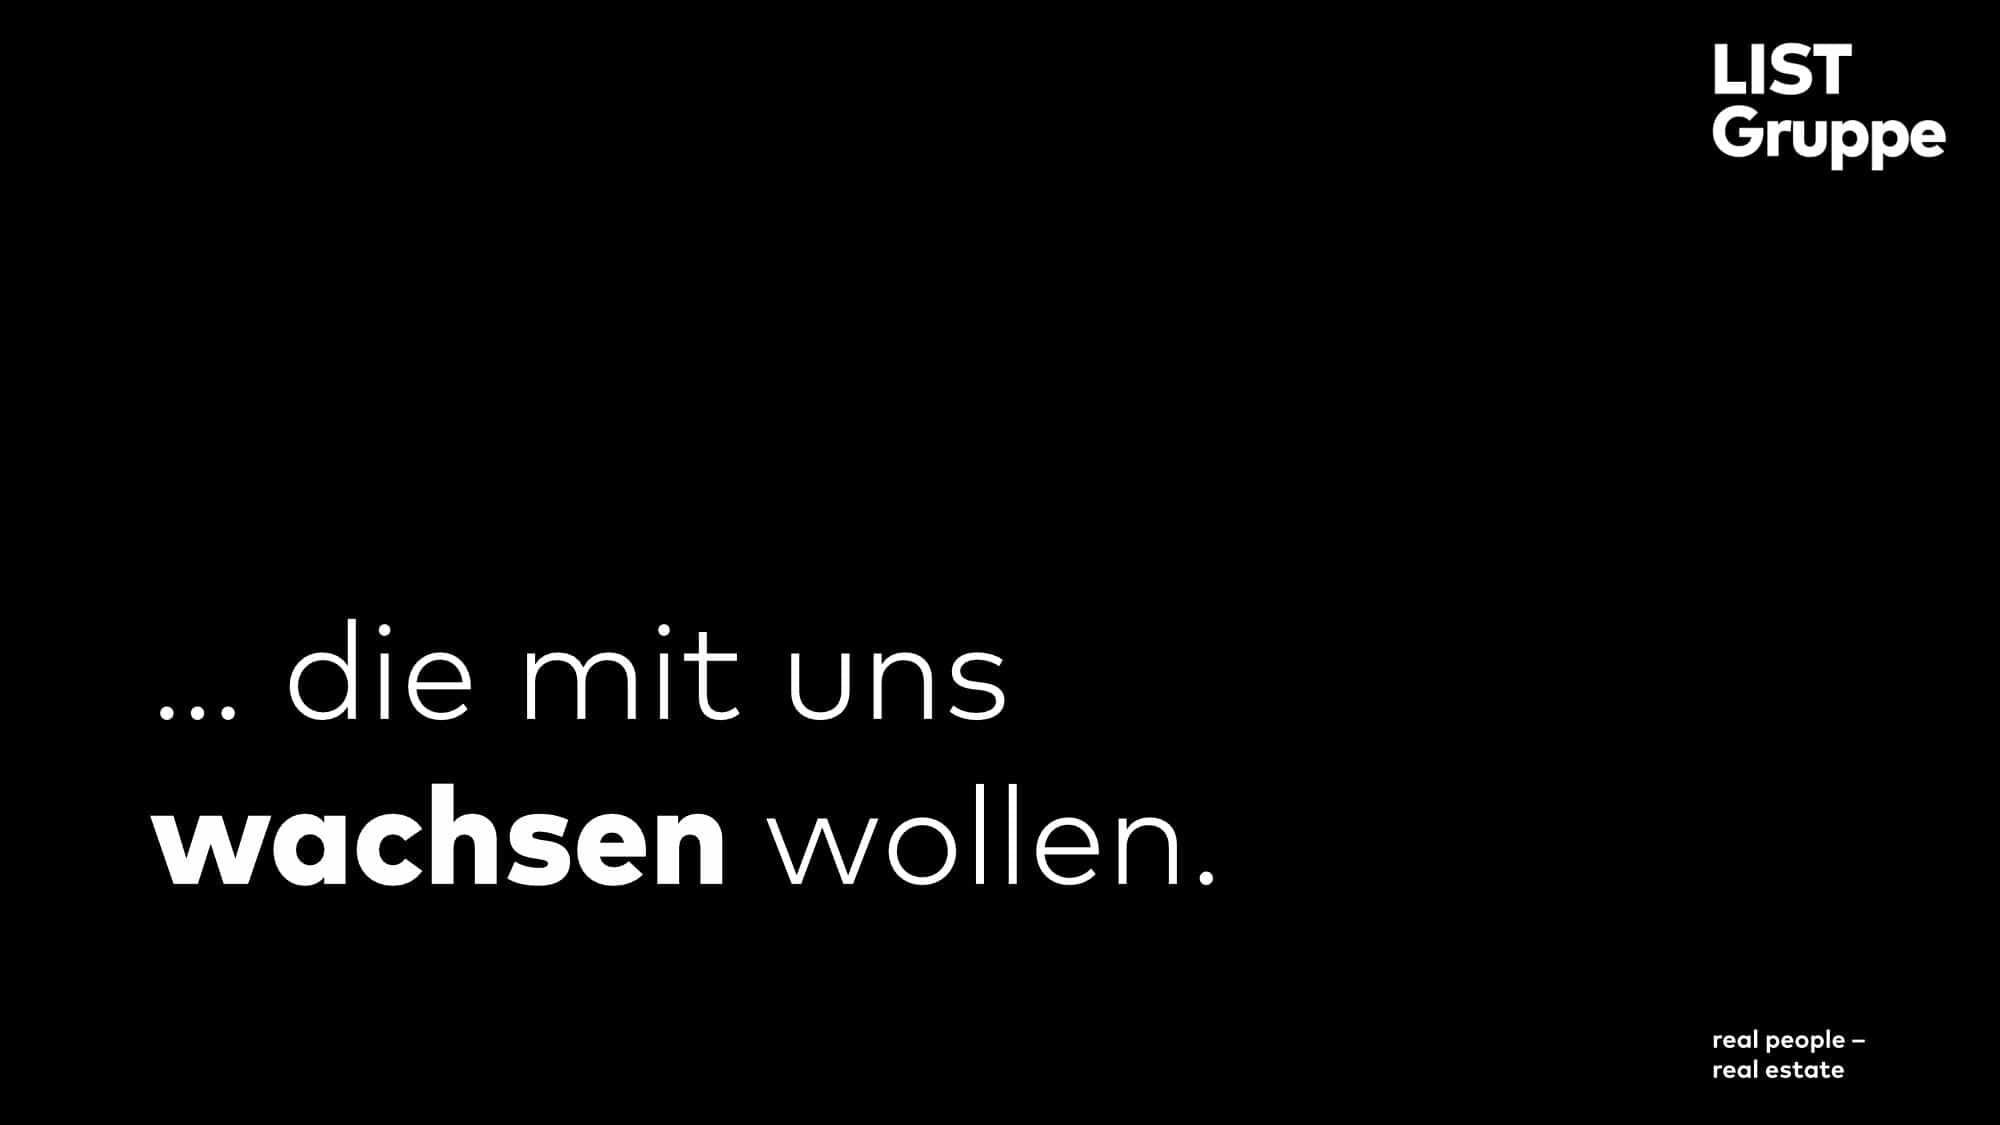 #FANGBEILISTAN-LIST-Gruppe_page_7